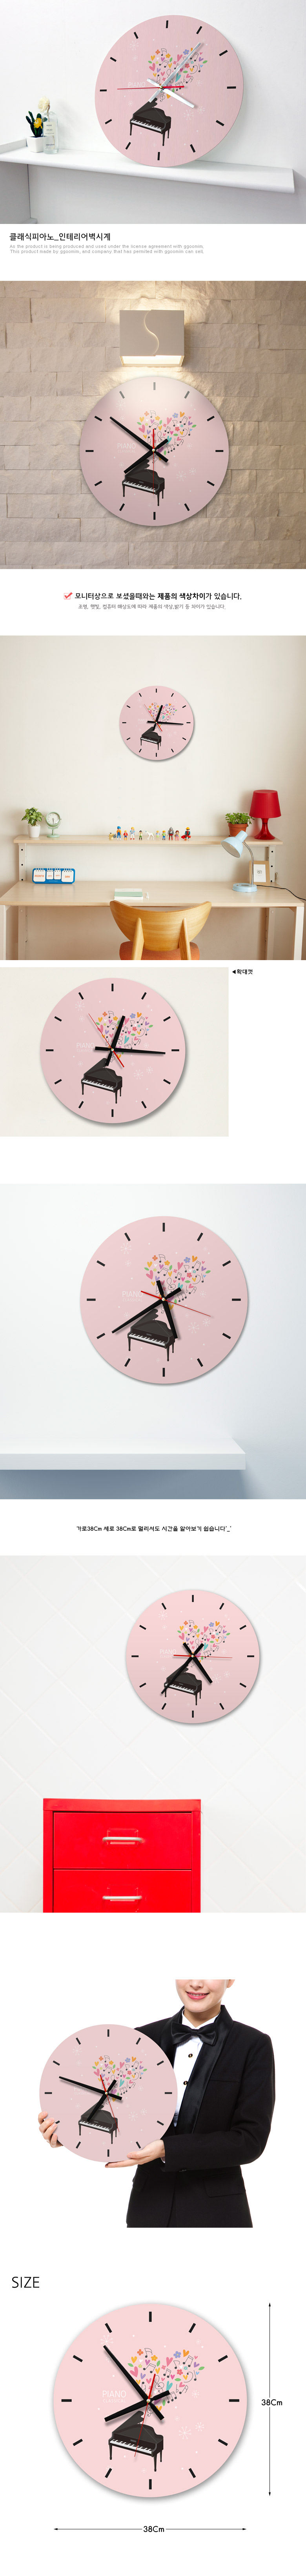 cg025-클래식피아노_인테리어벽시계 - 꾸밈, 22,400원, 벽시계, 무소음/저소음